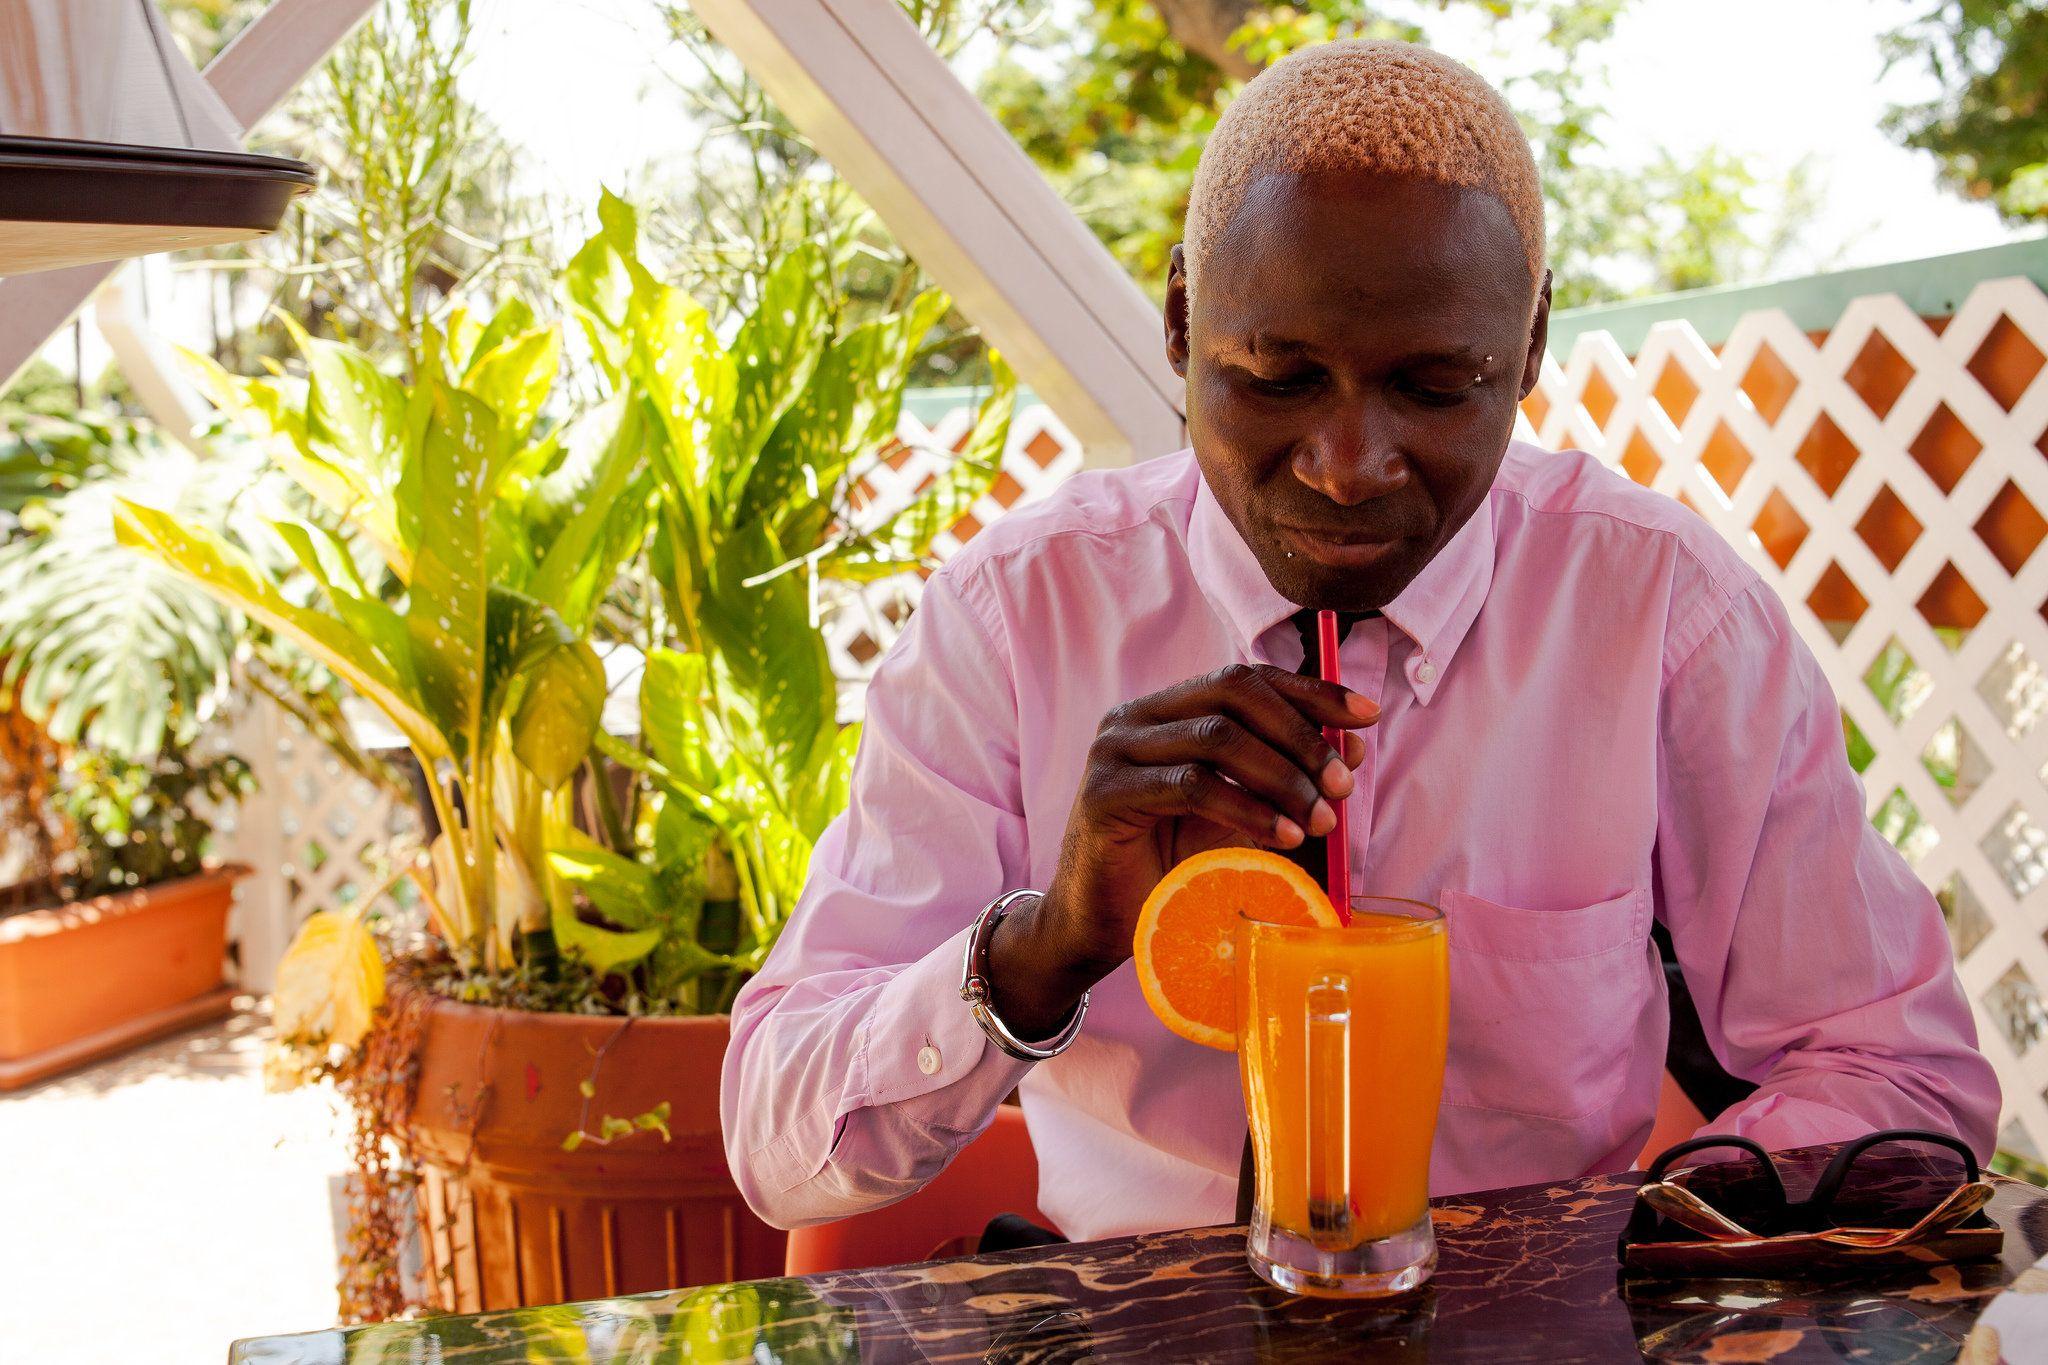 Músico Sebem regressa a Angola após 7 meses internado  http://angorussia.com/?p=19127